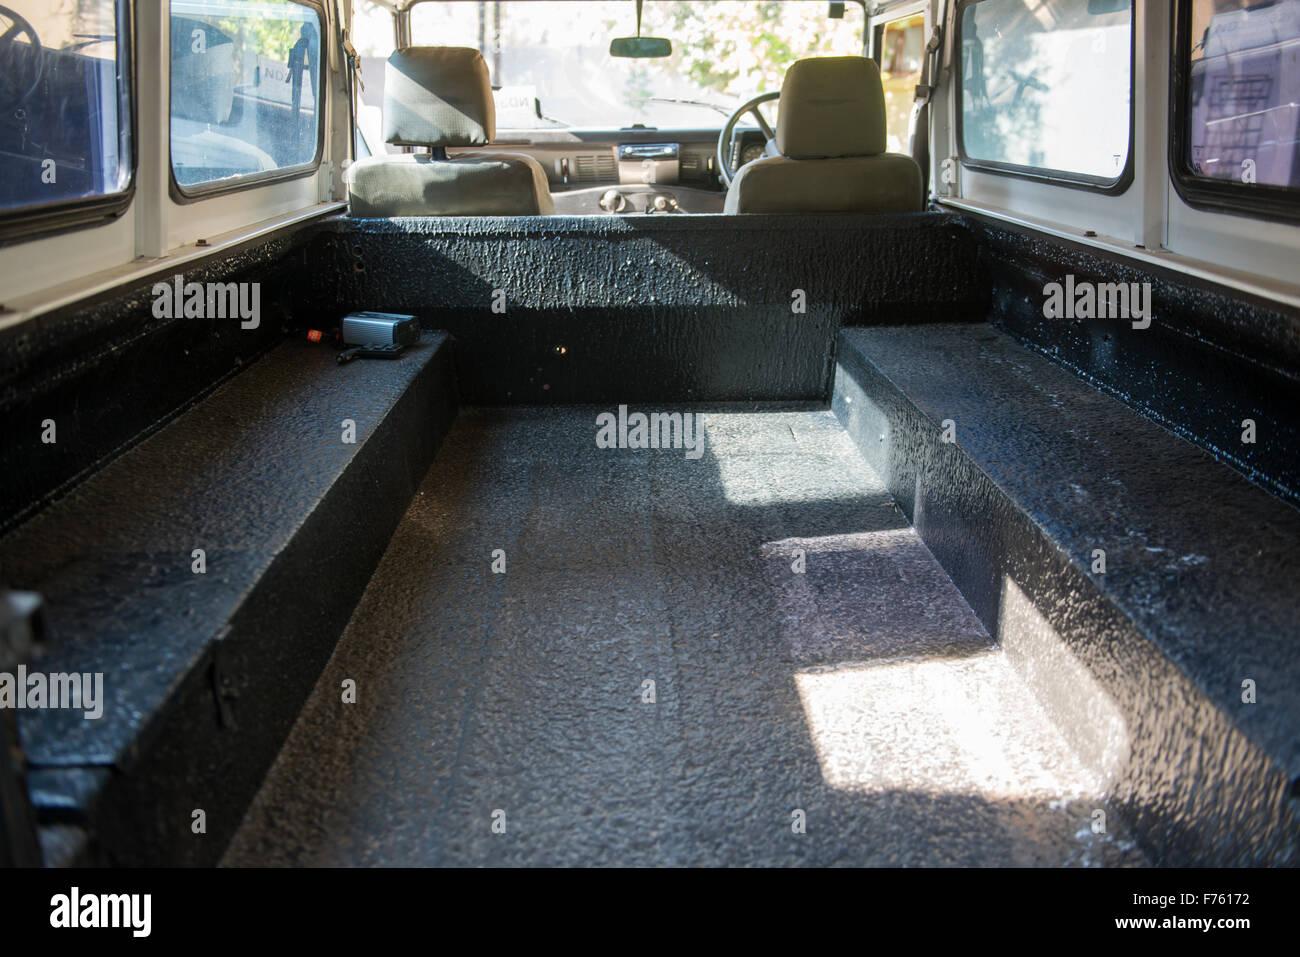 Land Rover Defender Innenraum Stockfotos Land Rover